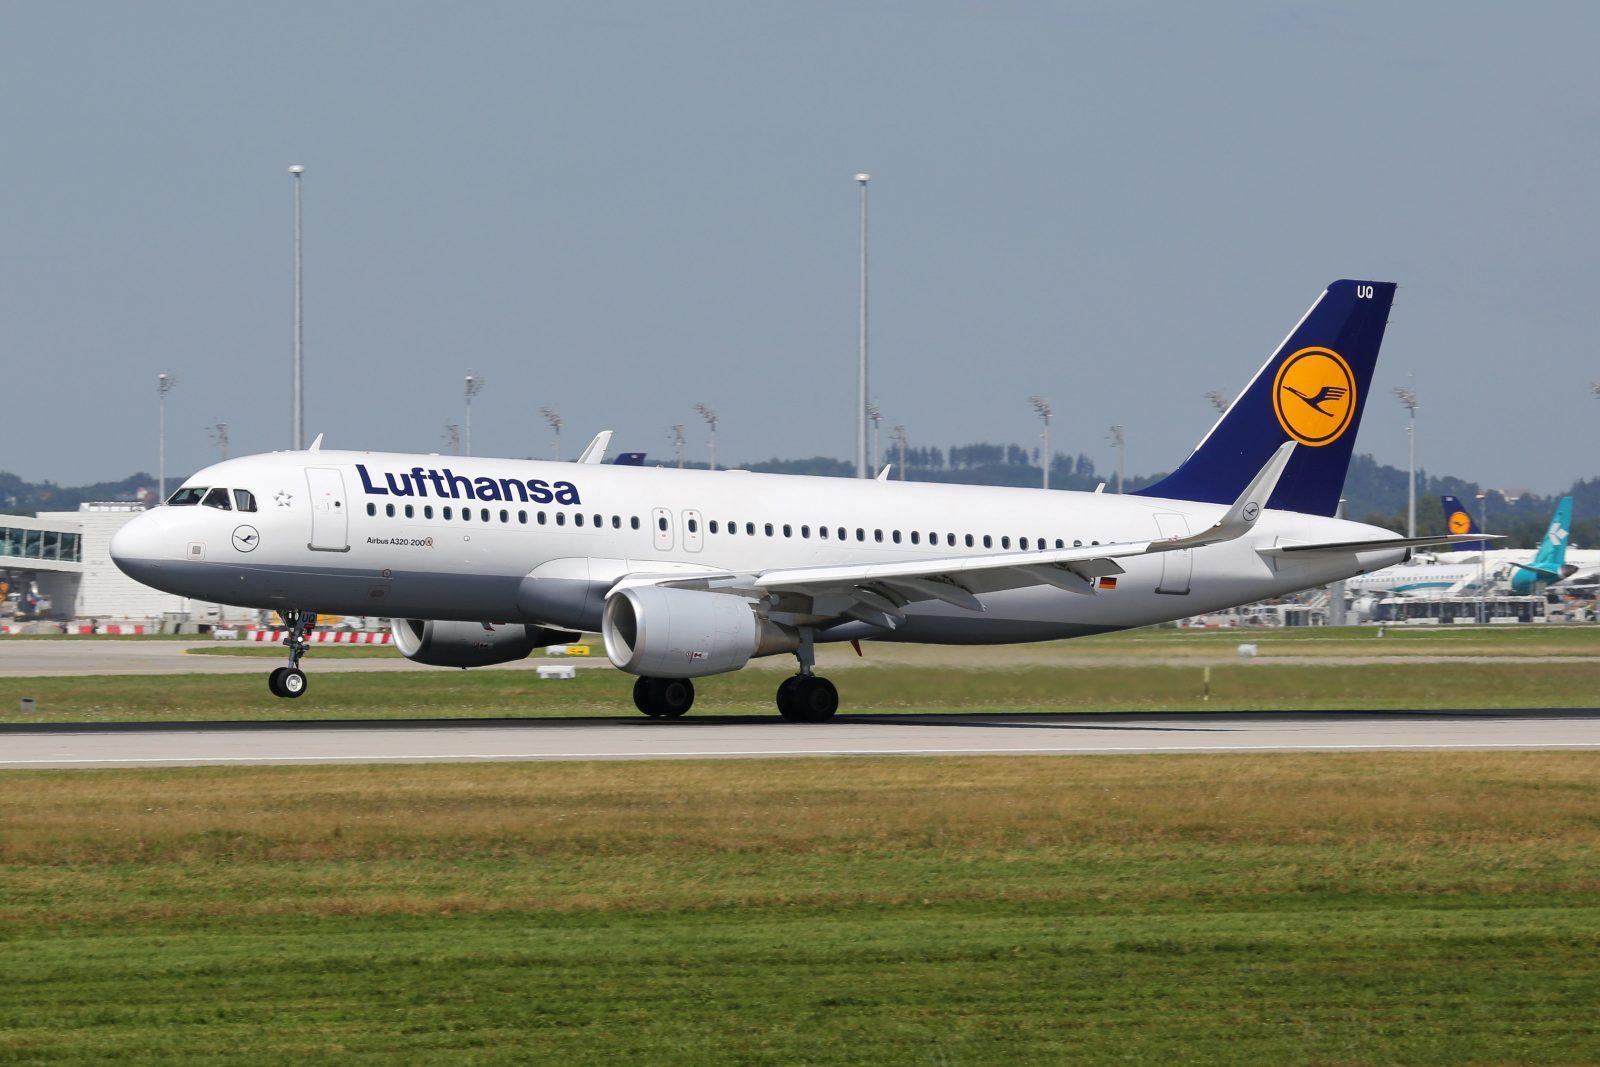 Lufthansa Airbus A320 Flugzeug Flughafen München